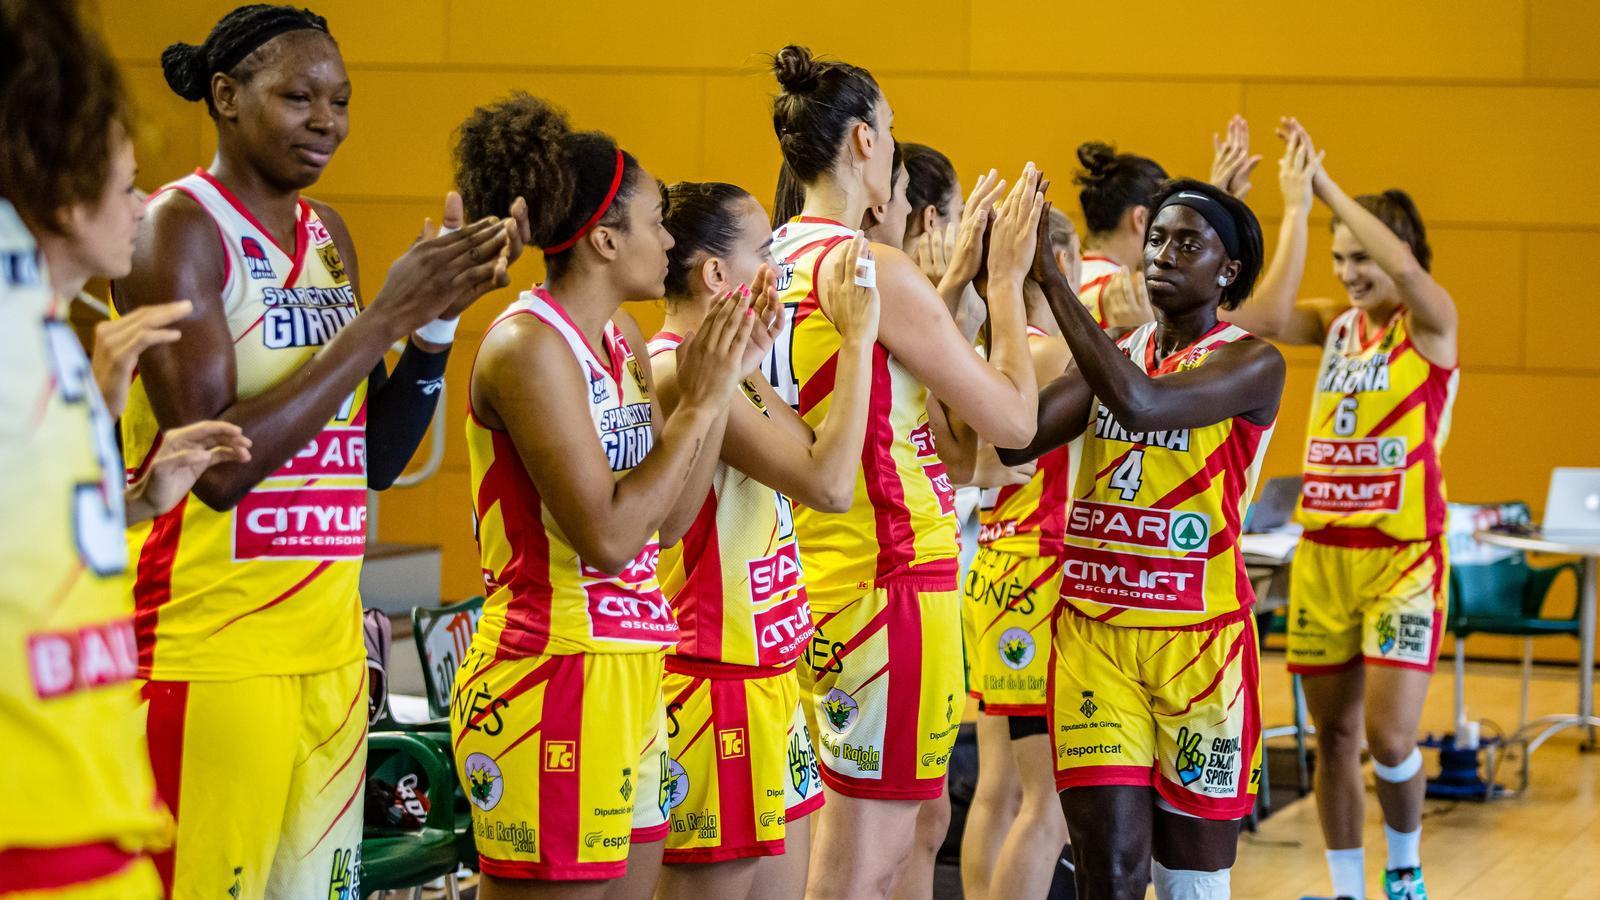 Les jugadores de l'Spar Citylift Girona